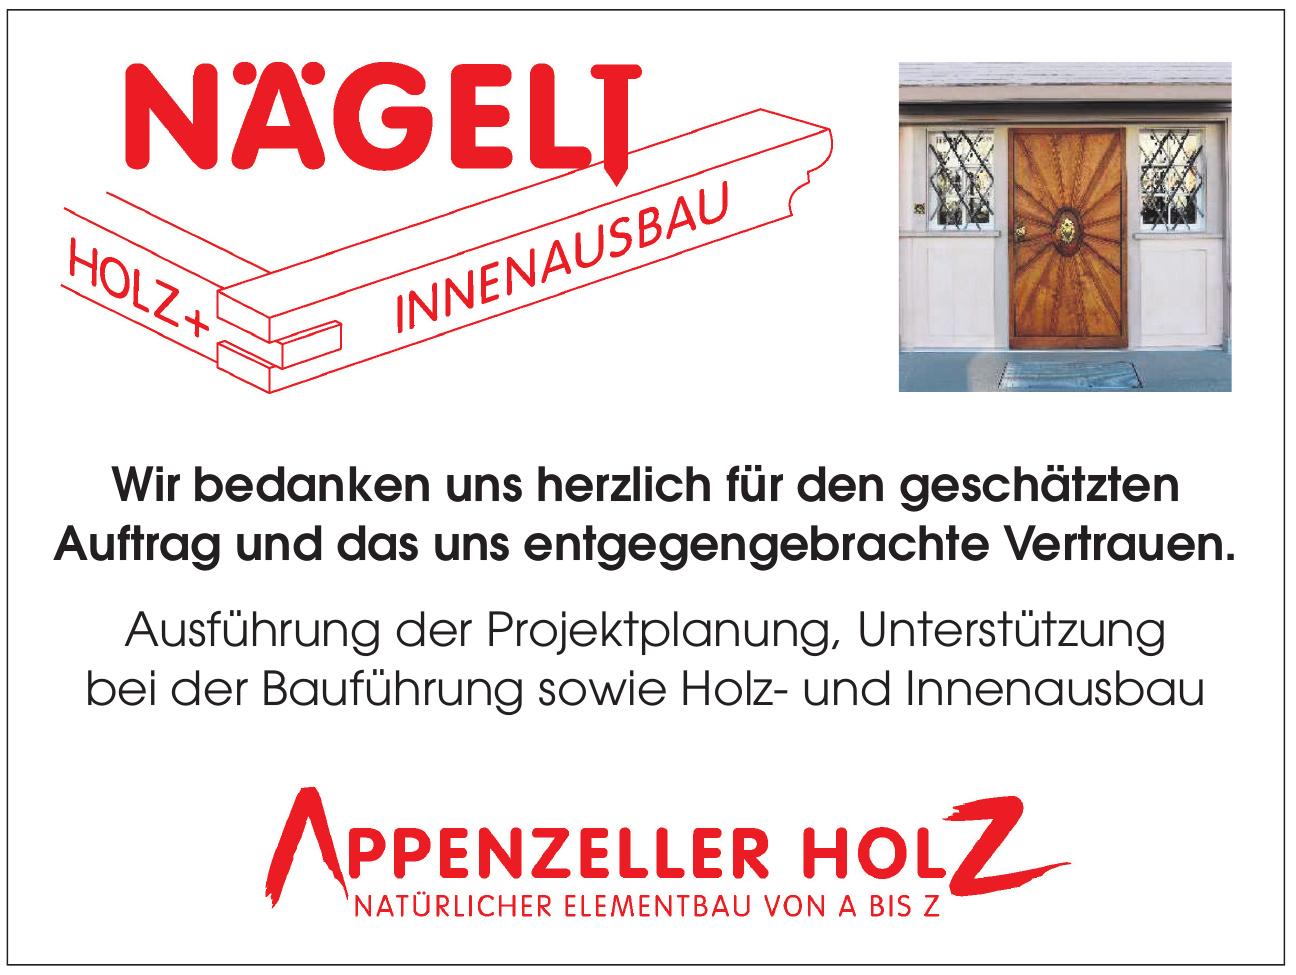 Nägelt Holz + Innenausbau